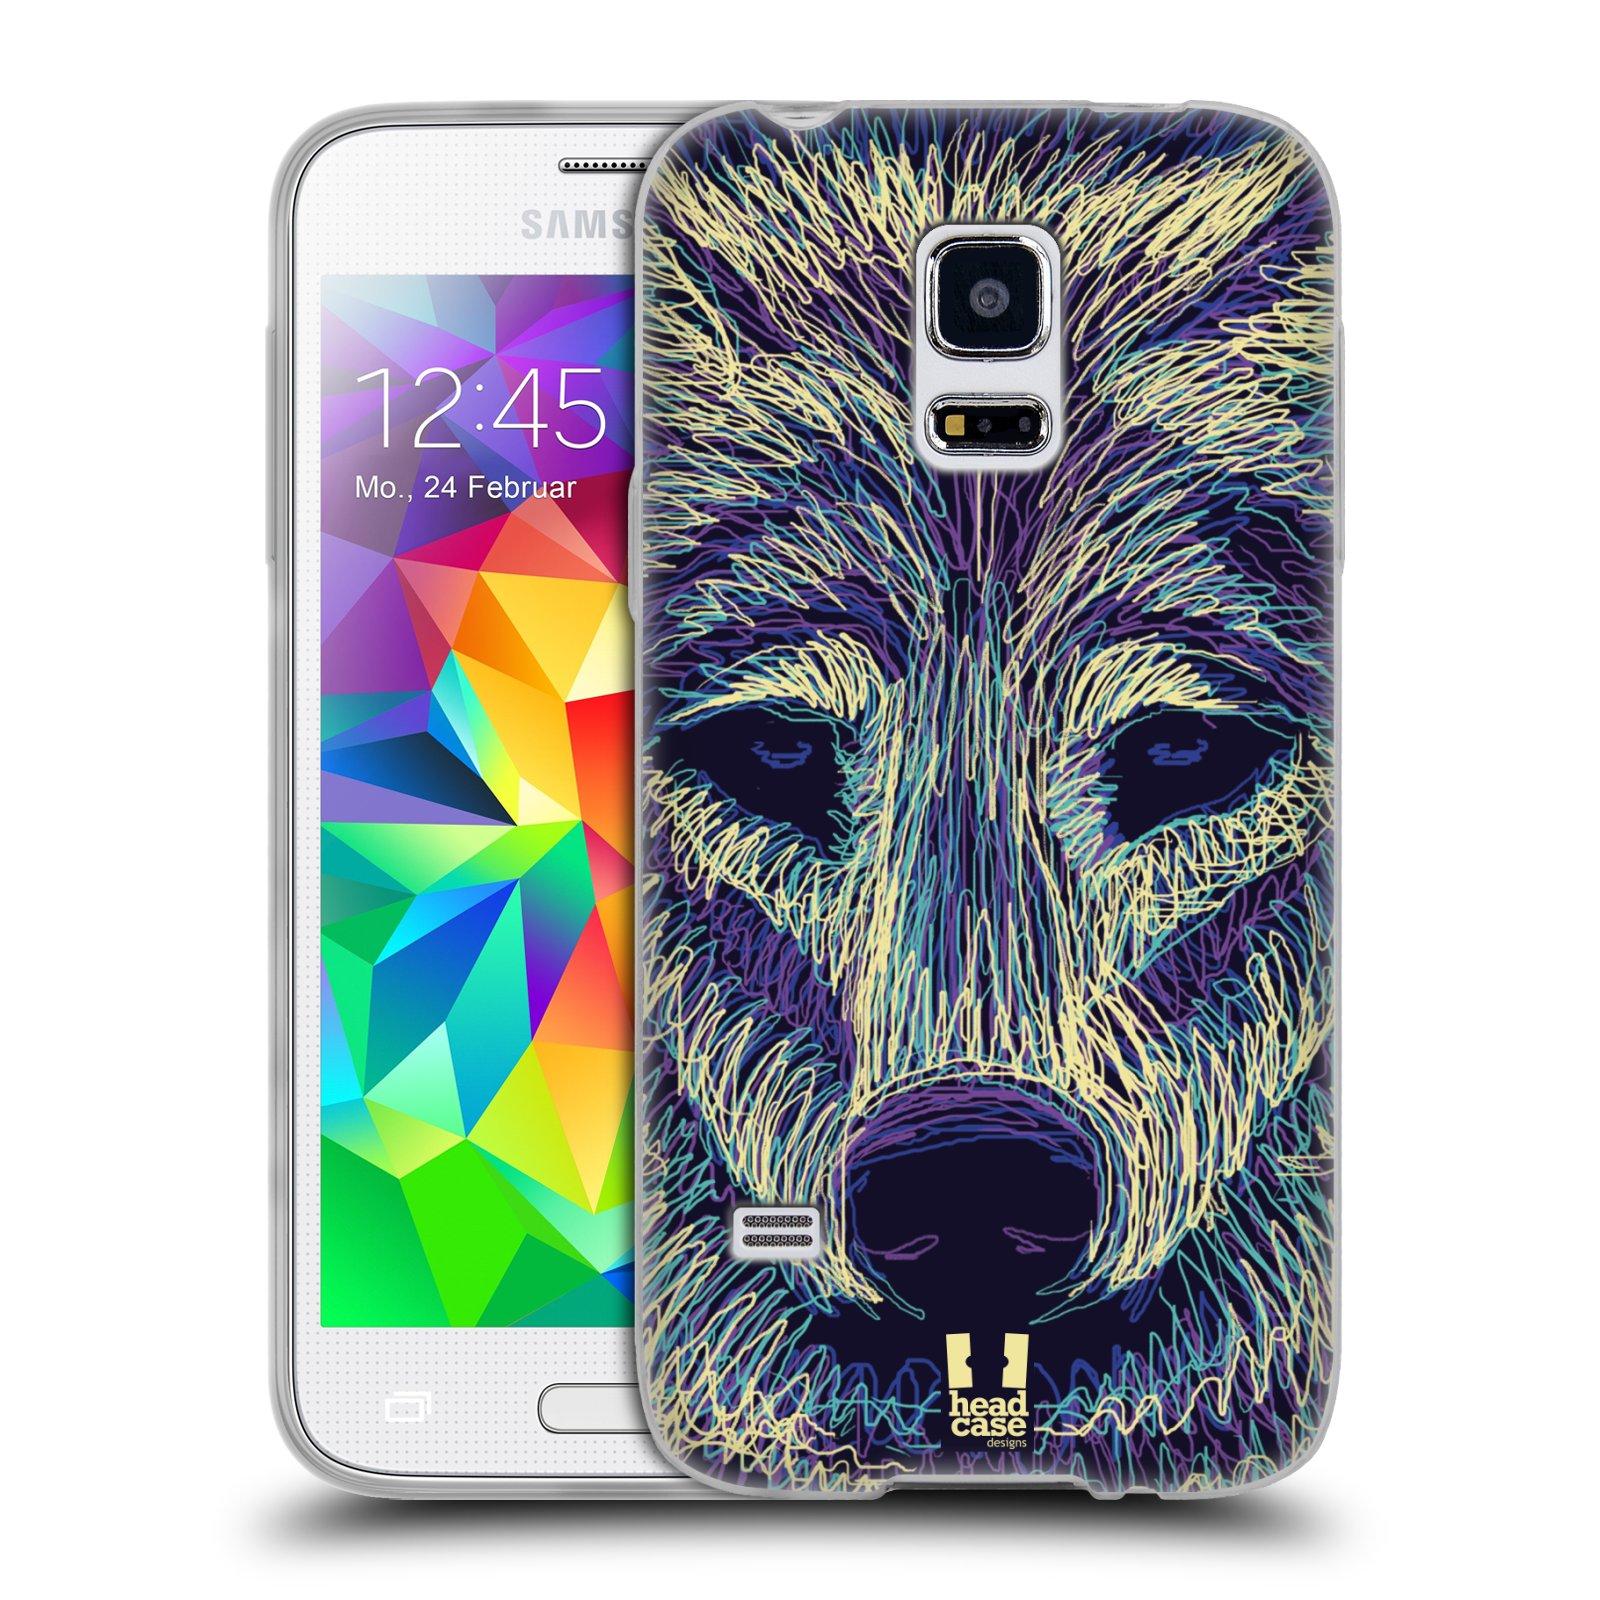 HEAD CASE silikonový obal na mobil Samsung Galaxy S5 MINI vzor zvíře čmáranice vlk